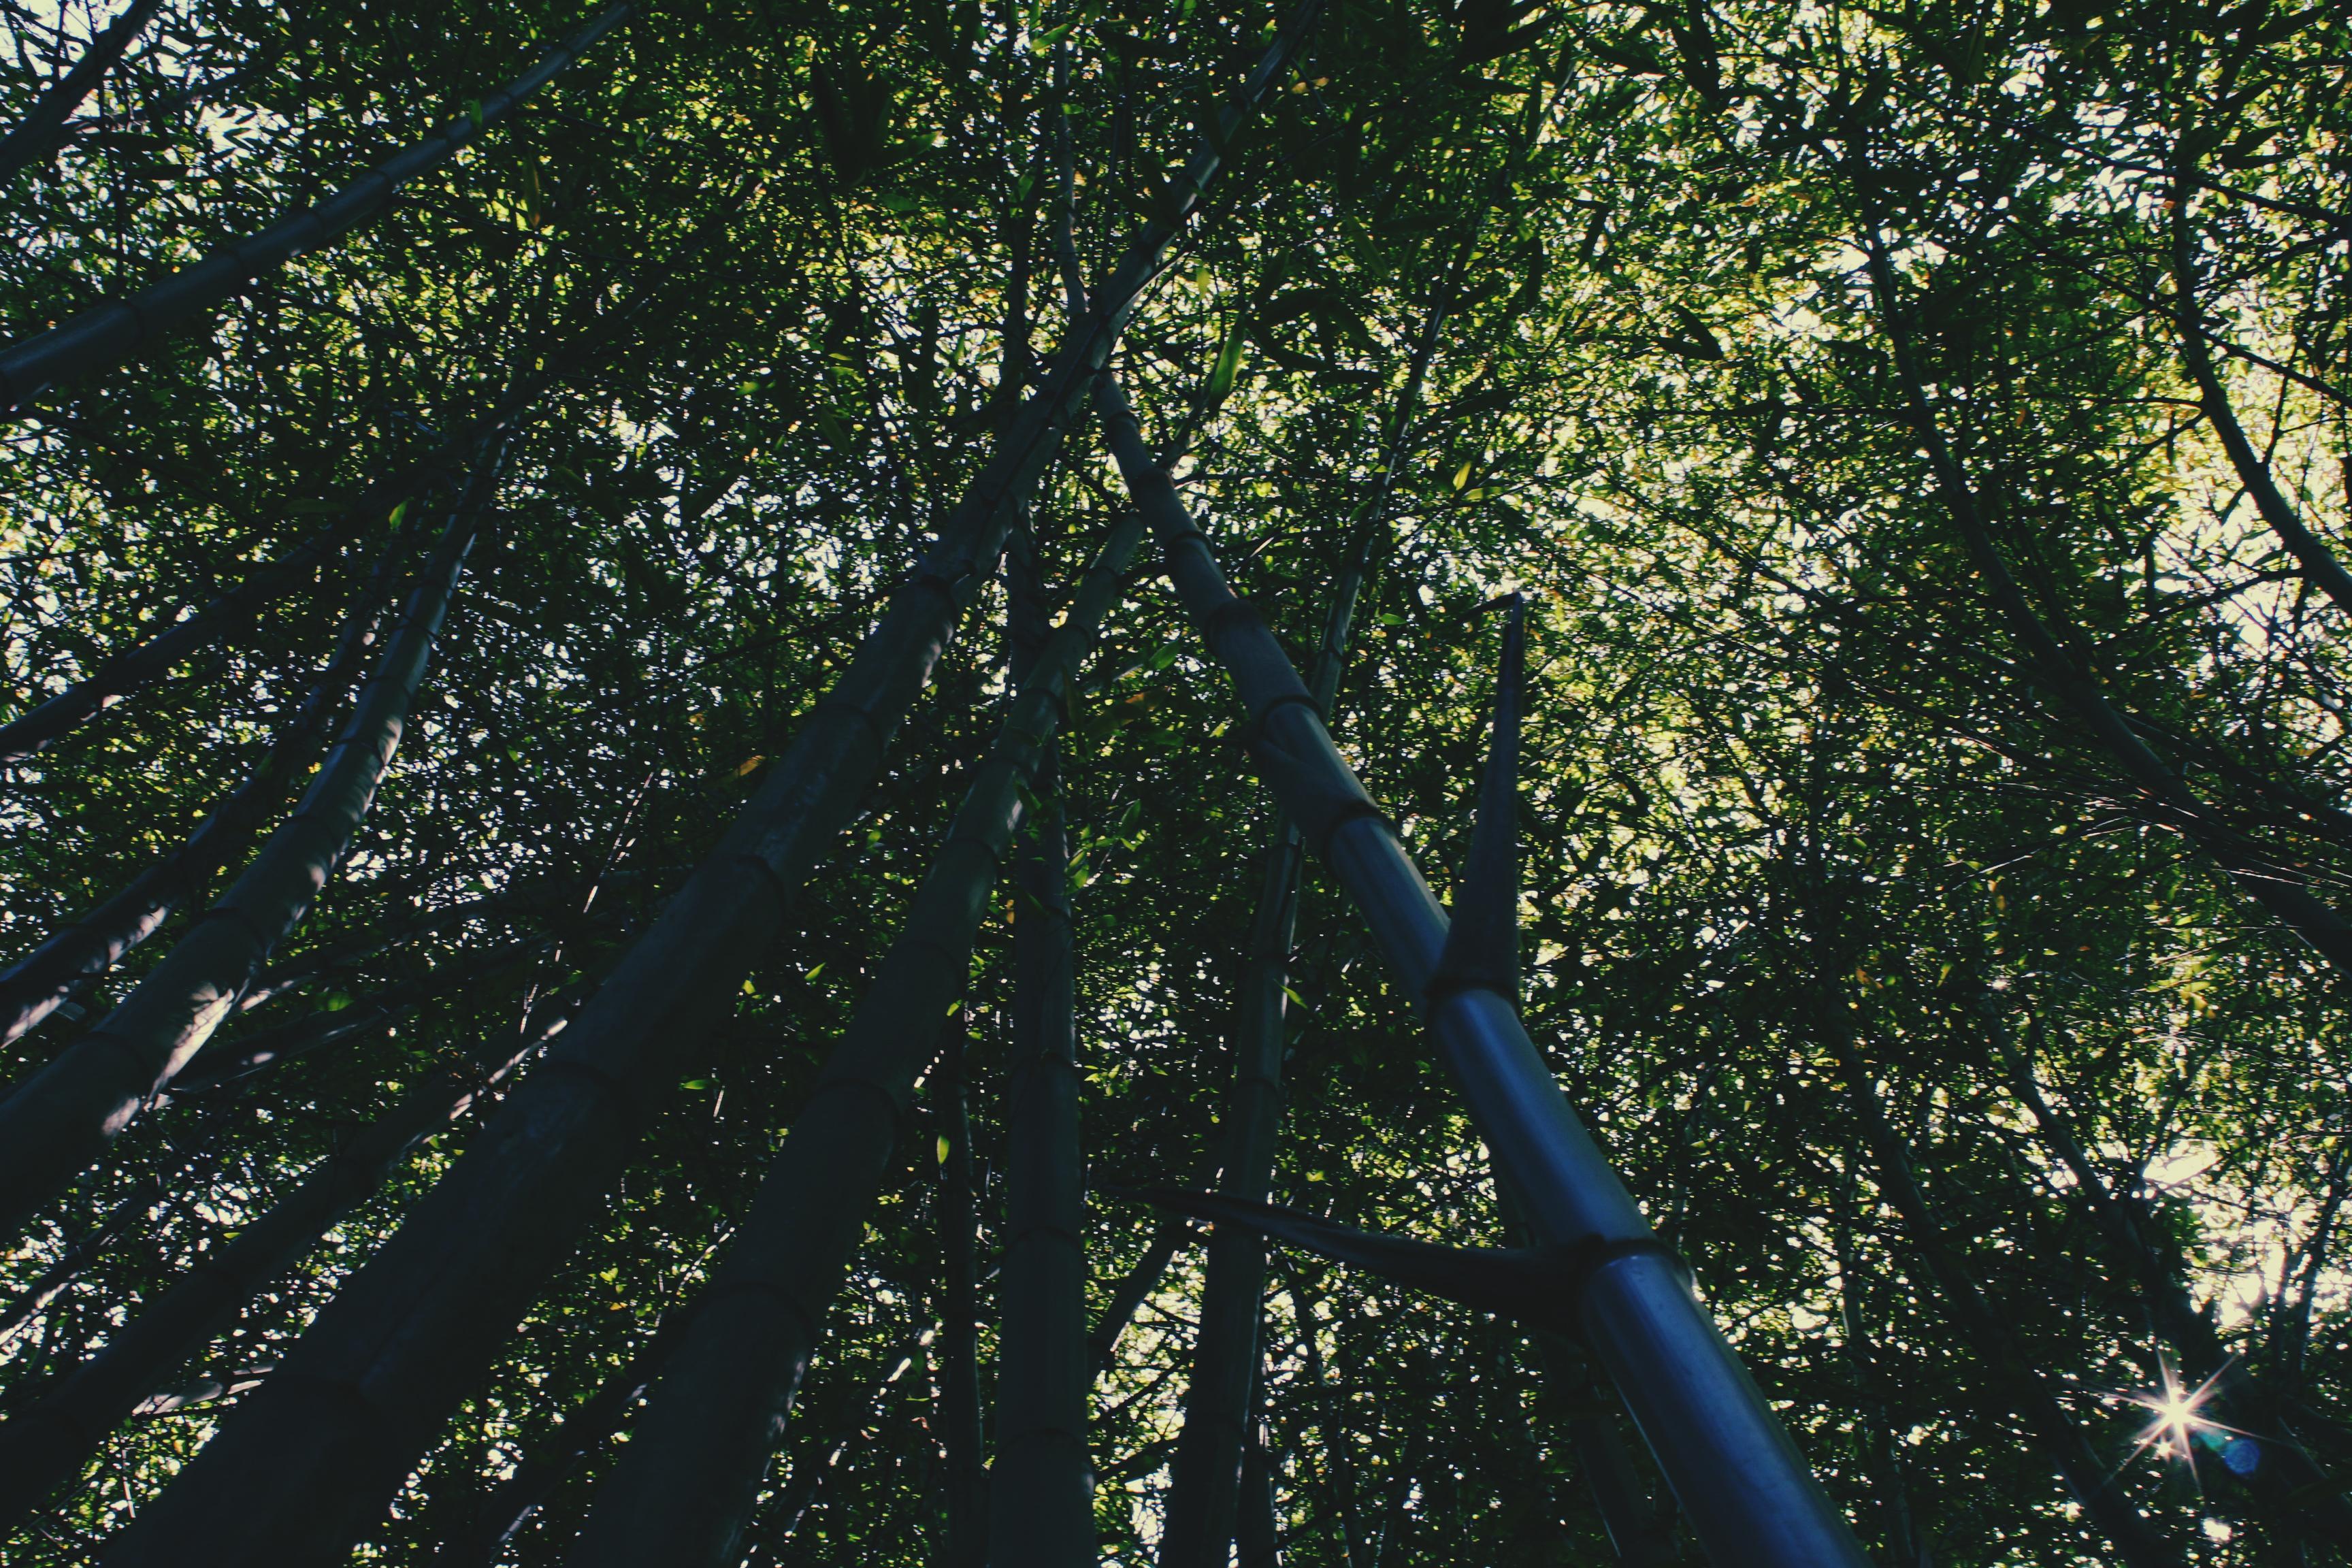 Bamboo canopy at Trebah Gardens, Cornwall